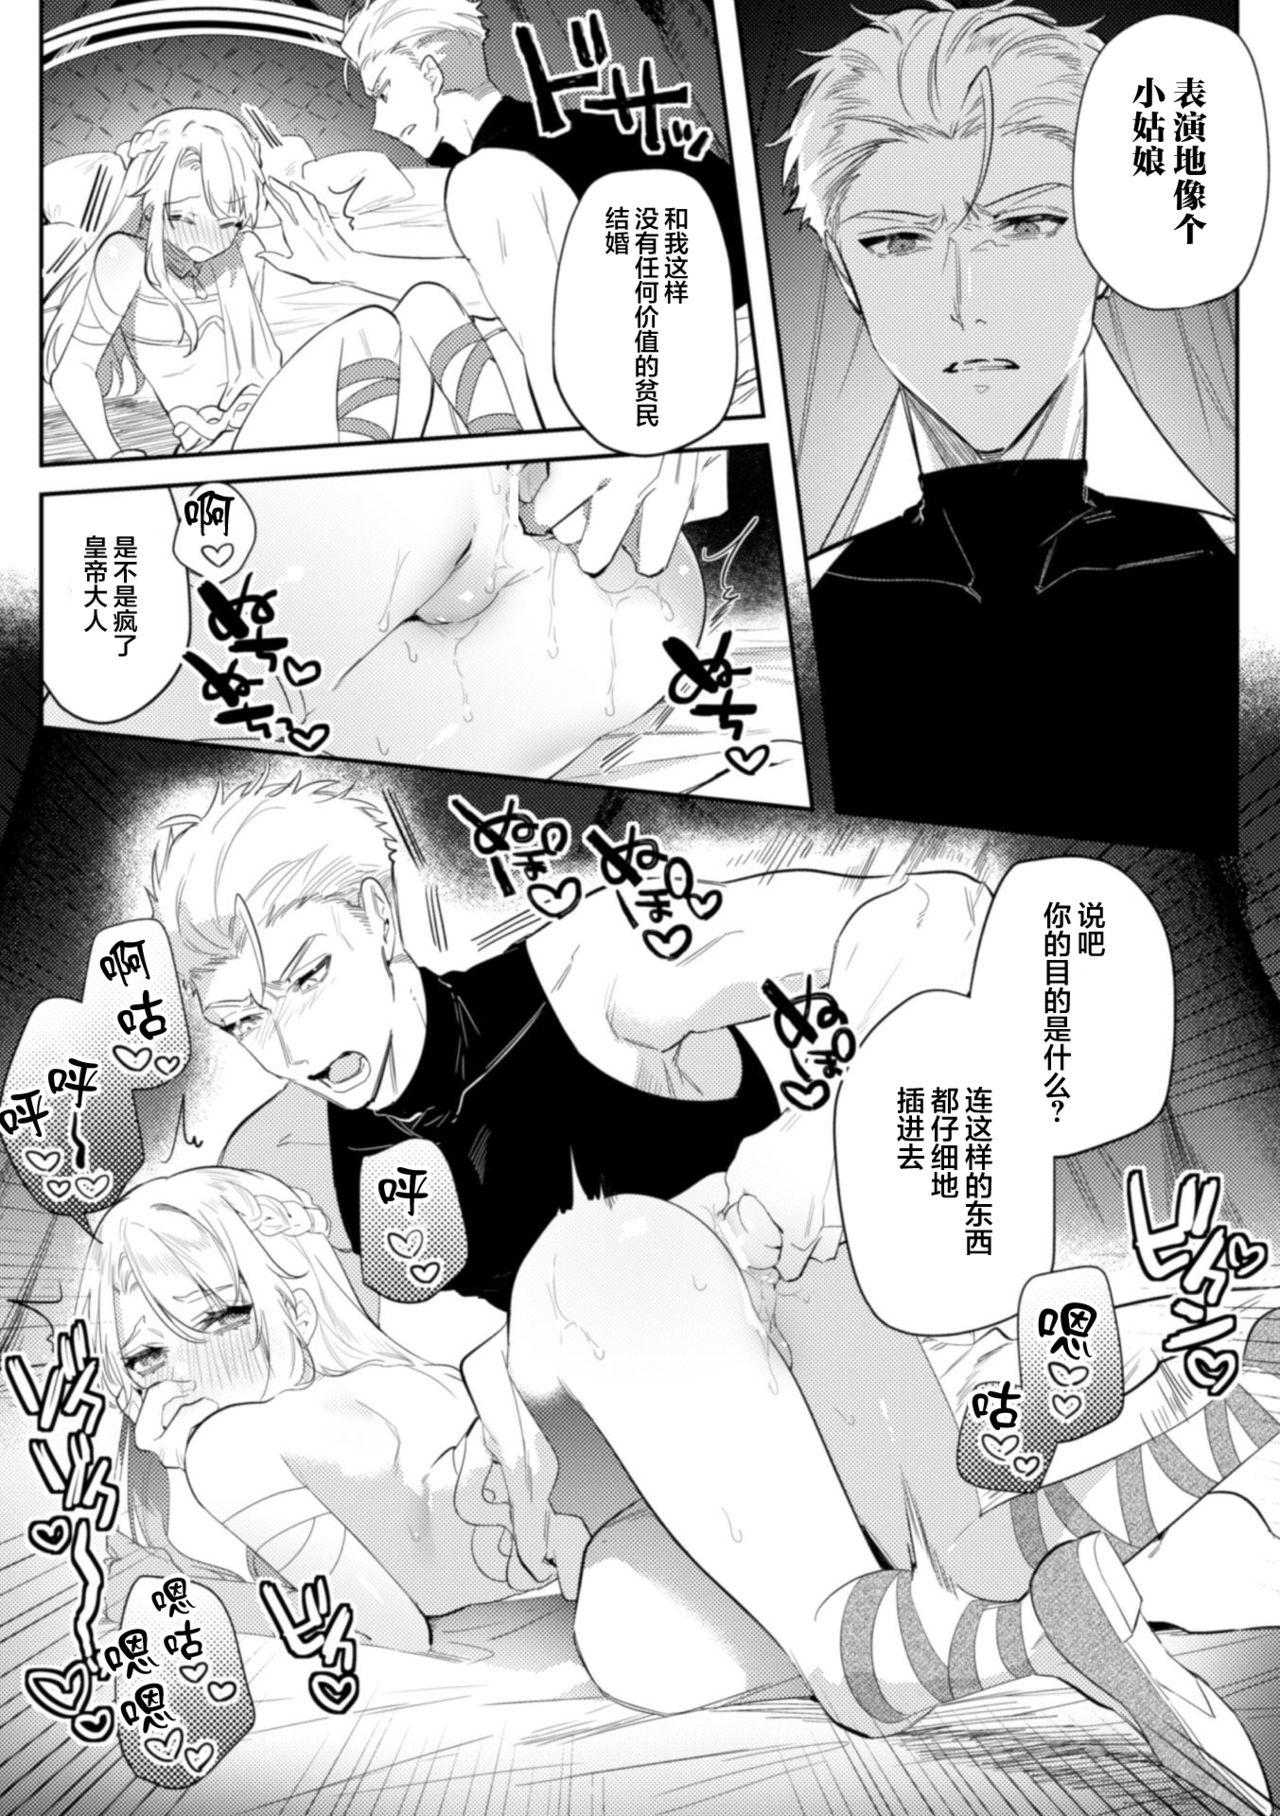 [Hagiyoshi] Intou Kyuuteishi ~Intei to Yobareta Bishounen~ Ch. 2Chinese]【不可视汉化】 13